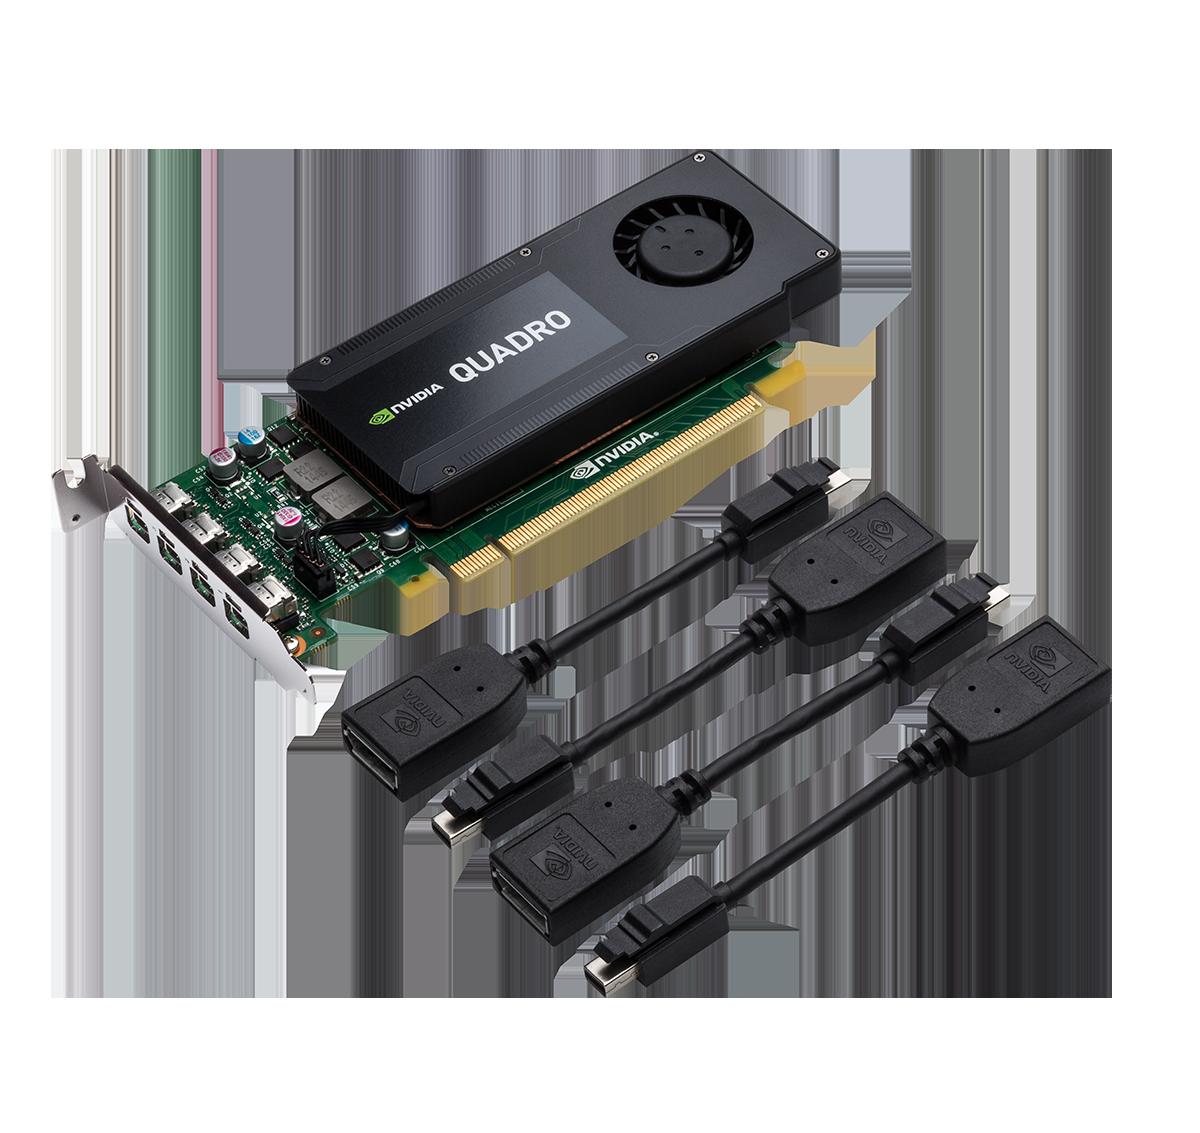 nvidia_quadro_k1200_3qtr+Connectors